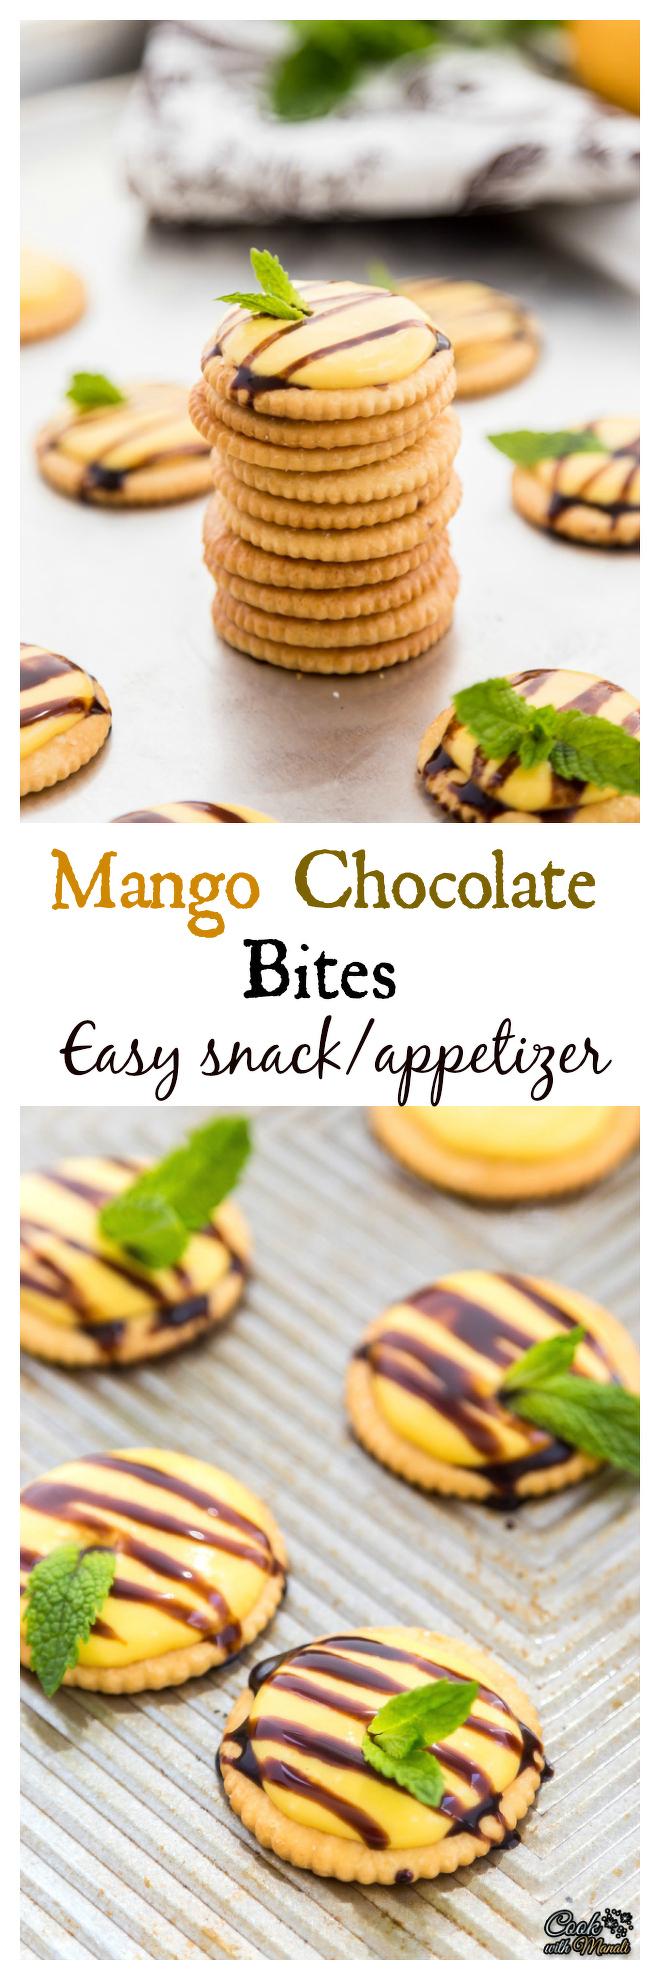 Mango Chocolate Bites Collage-nocwm